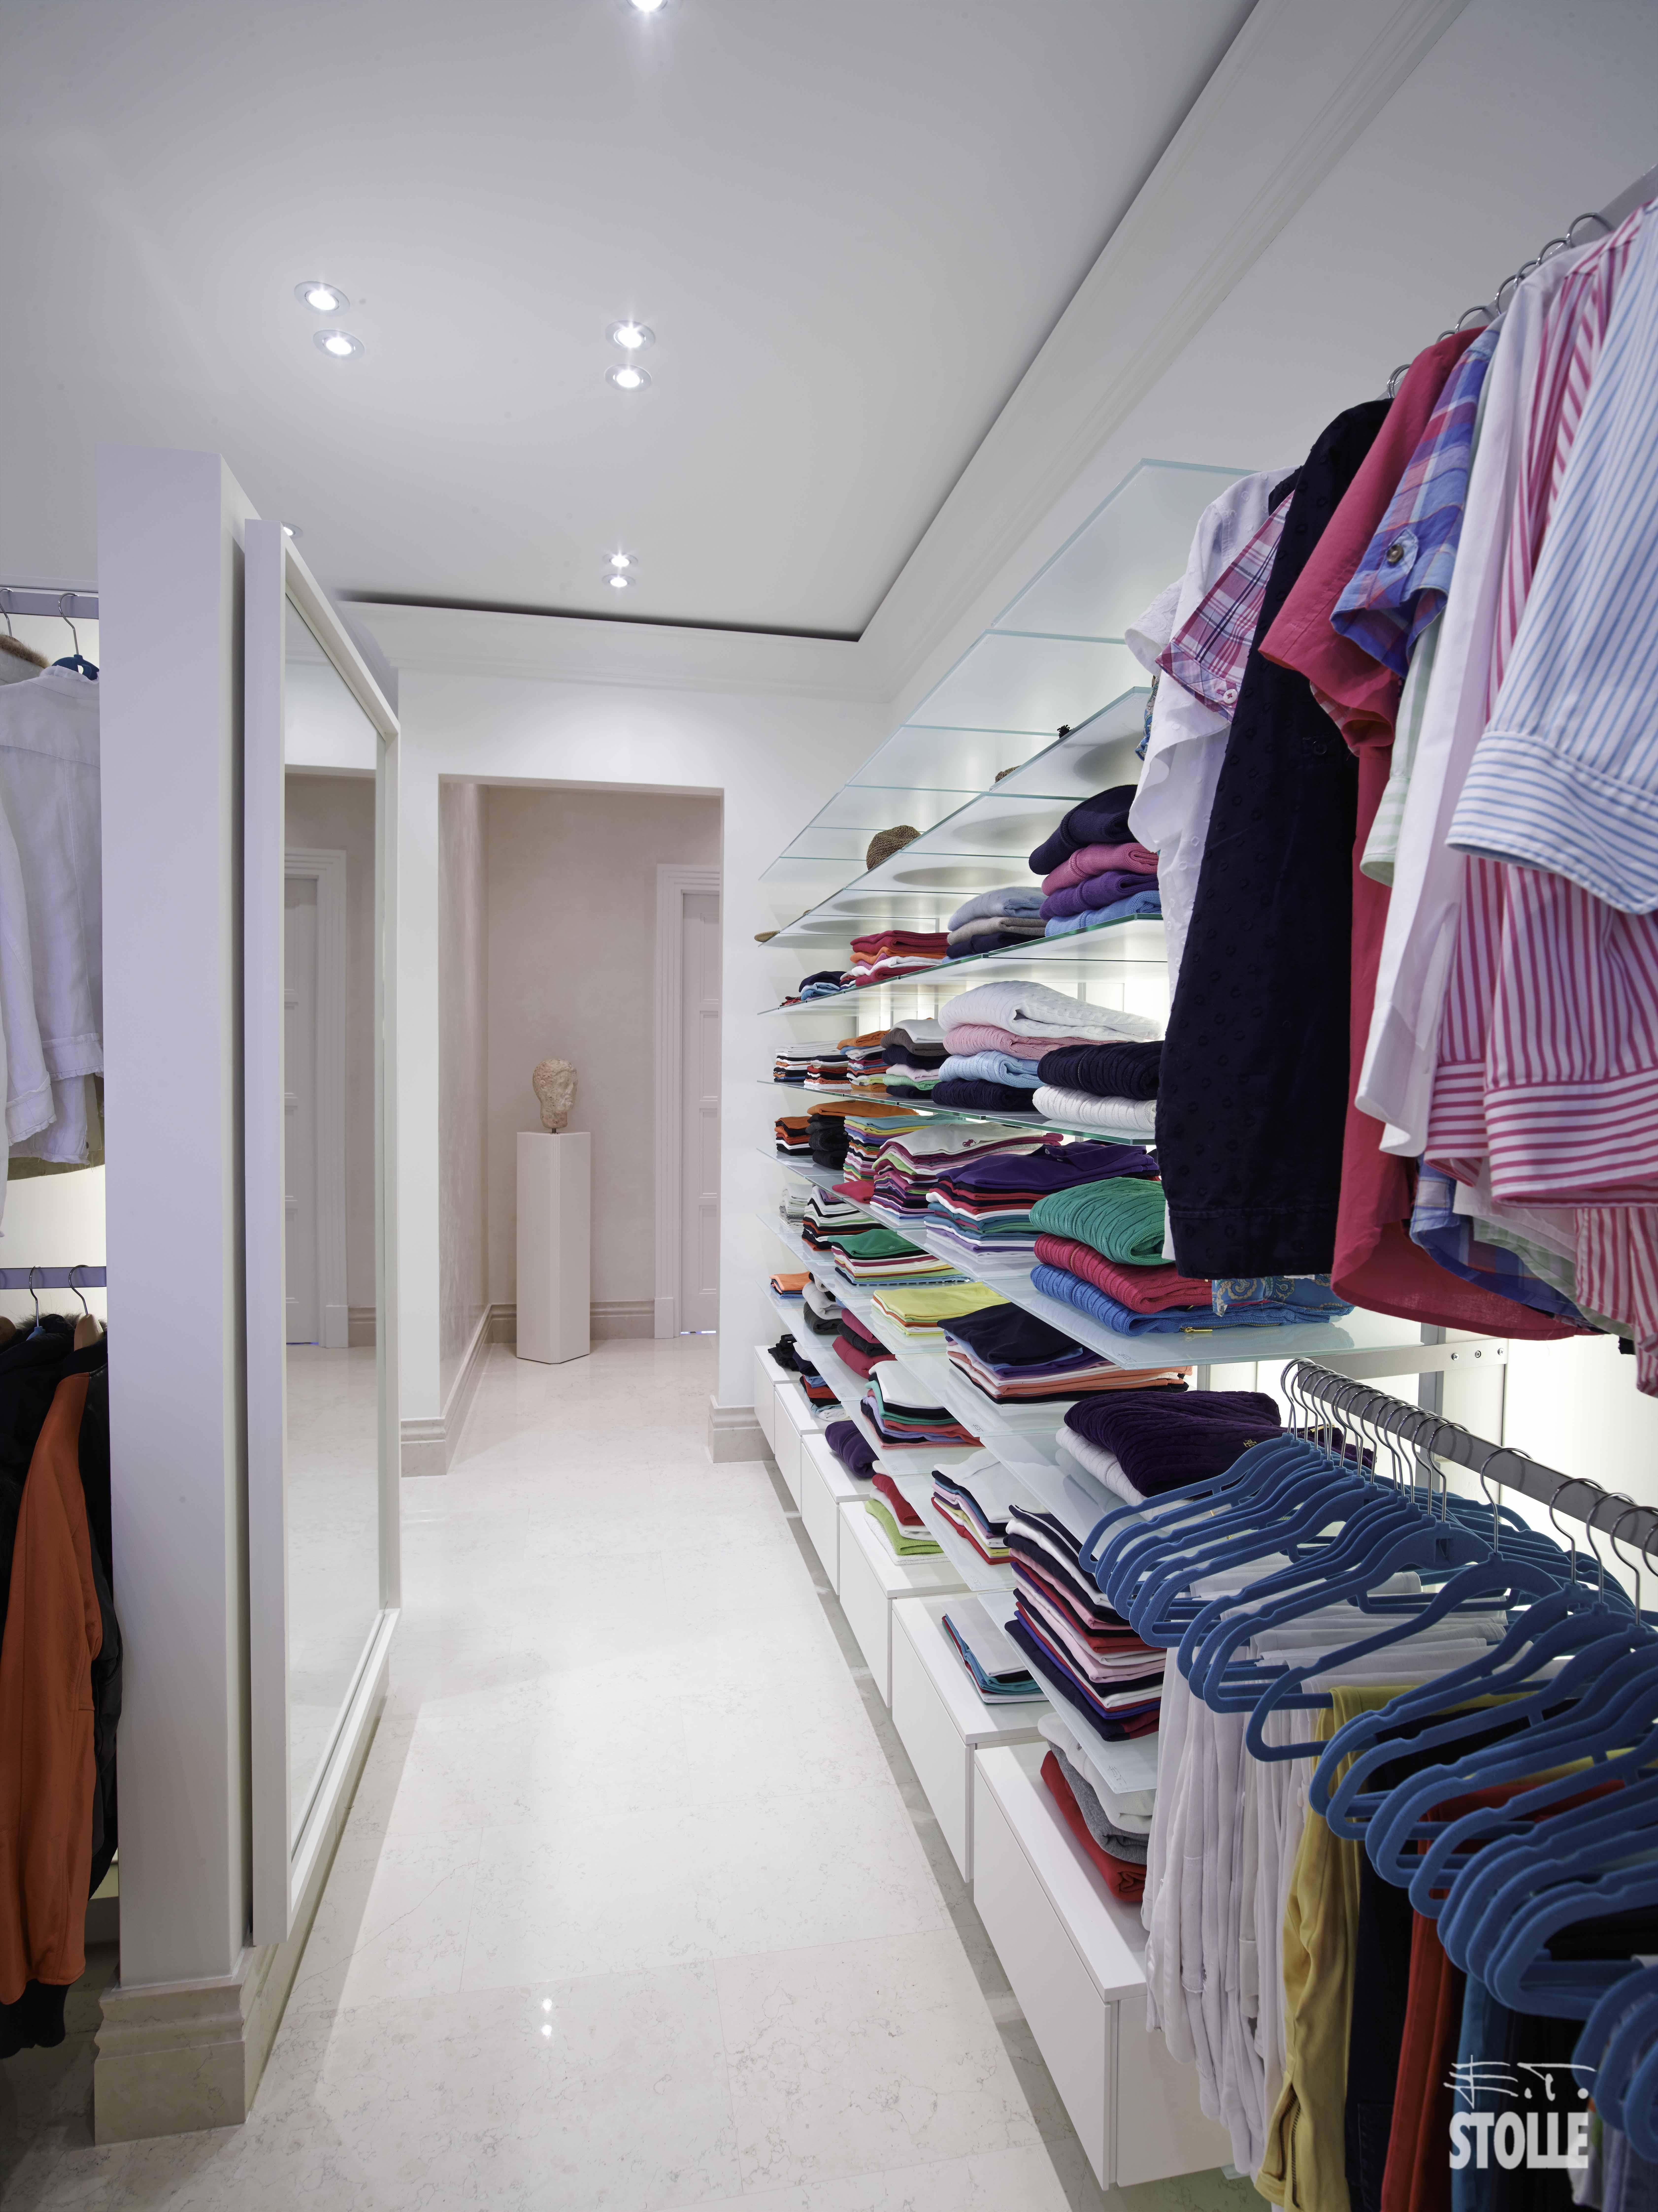 Entzückend Ankleidezimmer Ideen Galerie Von Wo Finde Ich Und Inspiration Für Mein